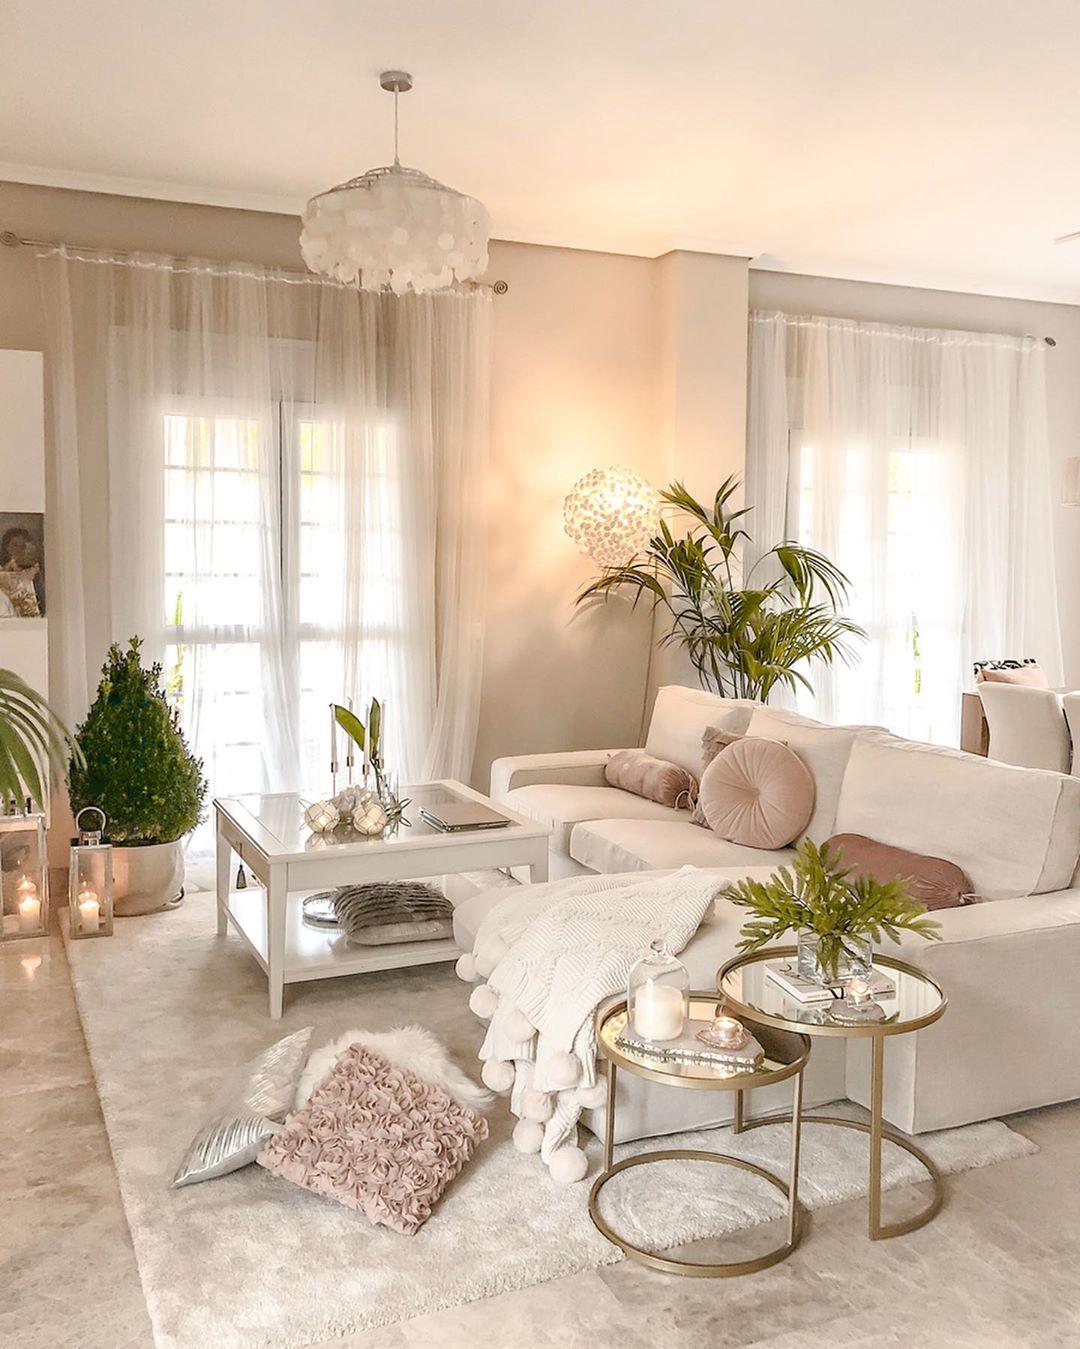 25 Stylish Living Room Decor Ideas For Any Budget Buzzkee